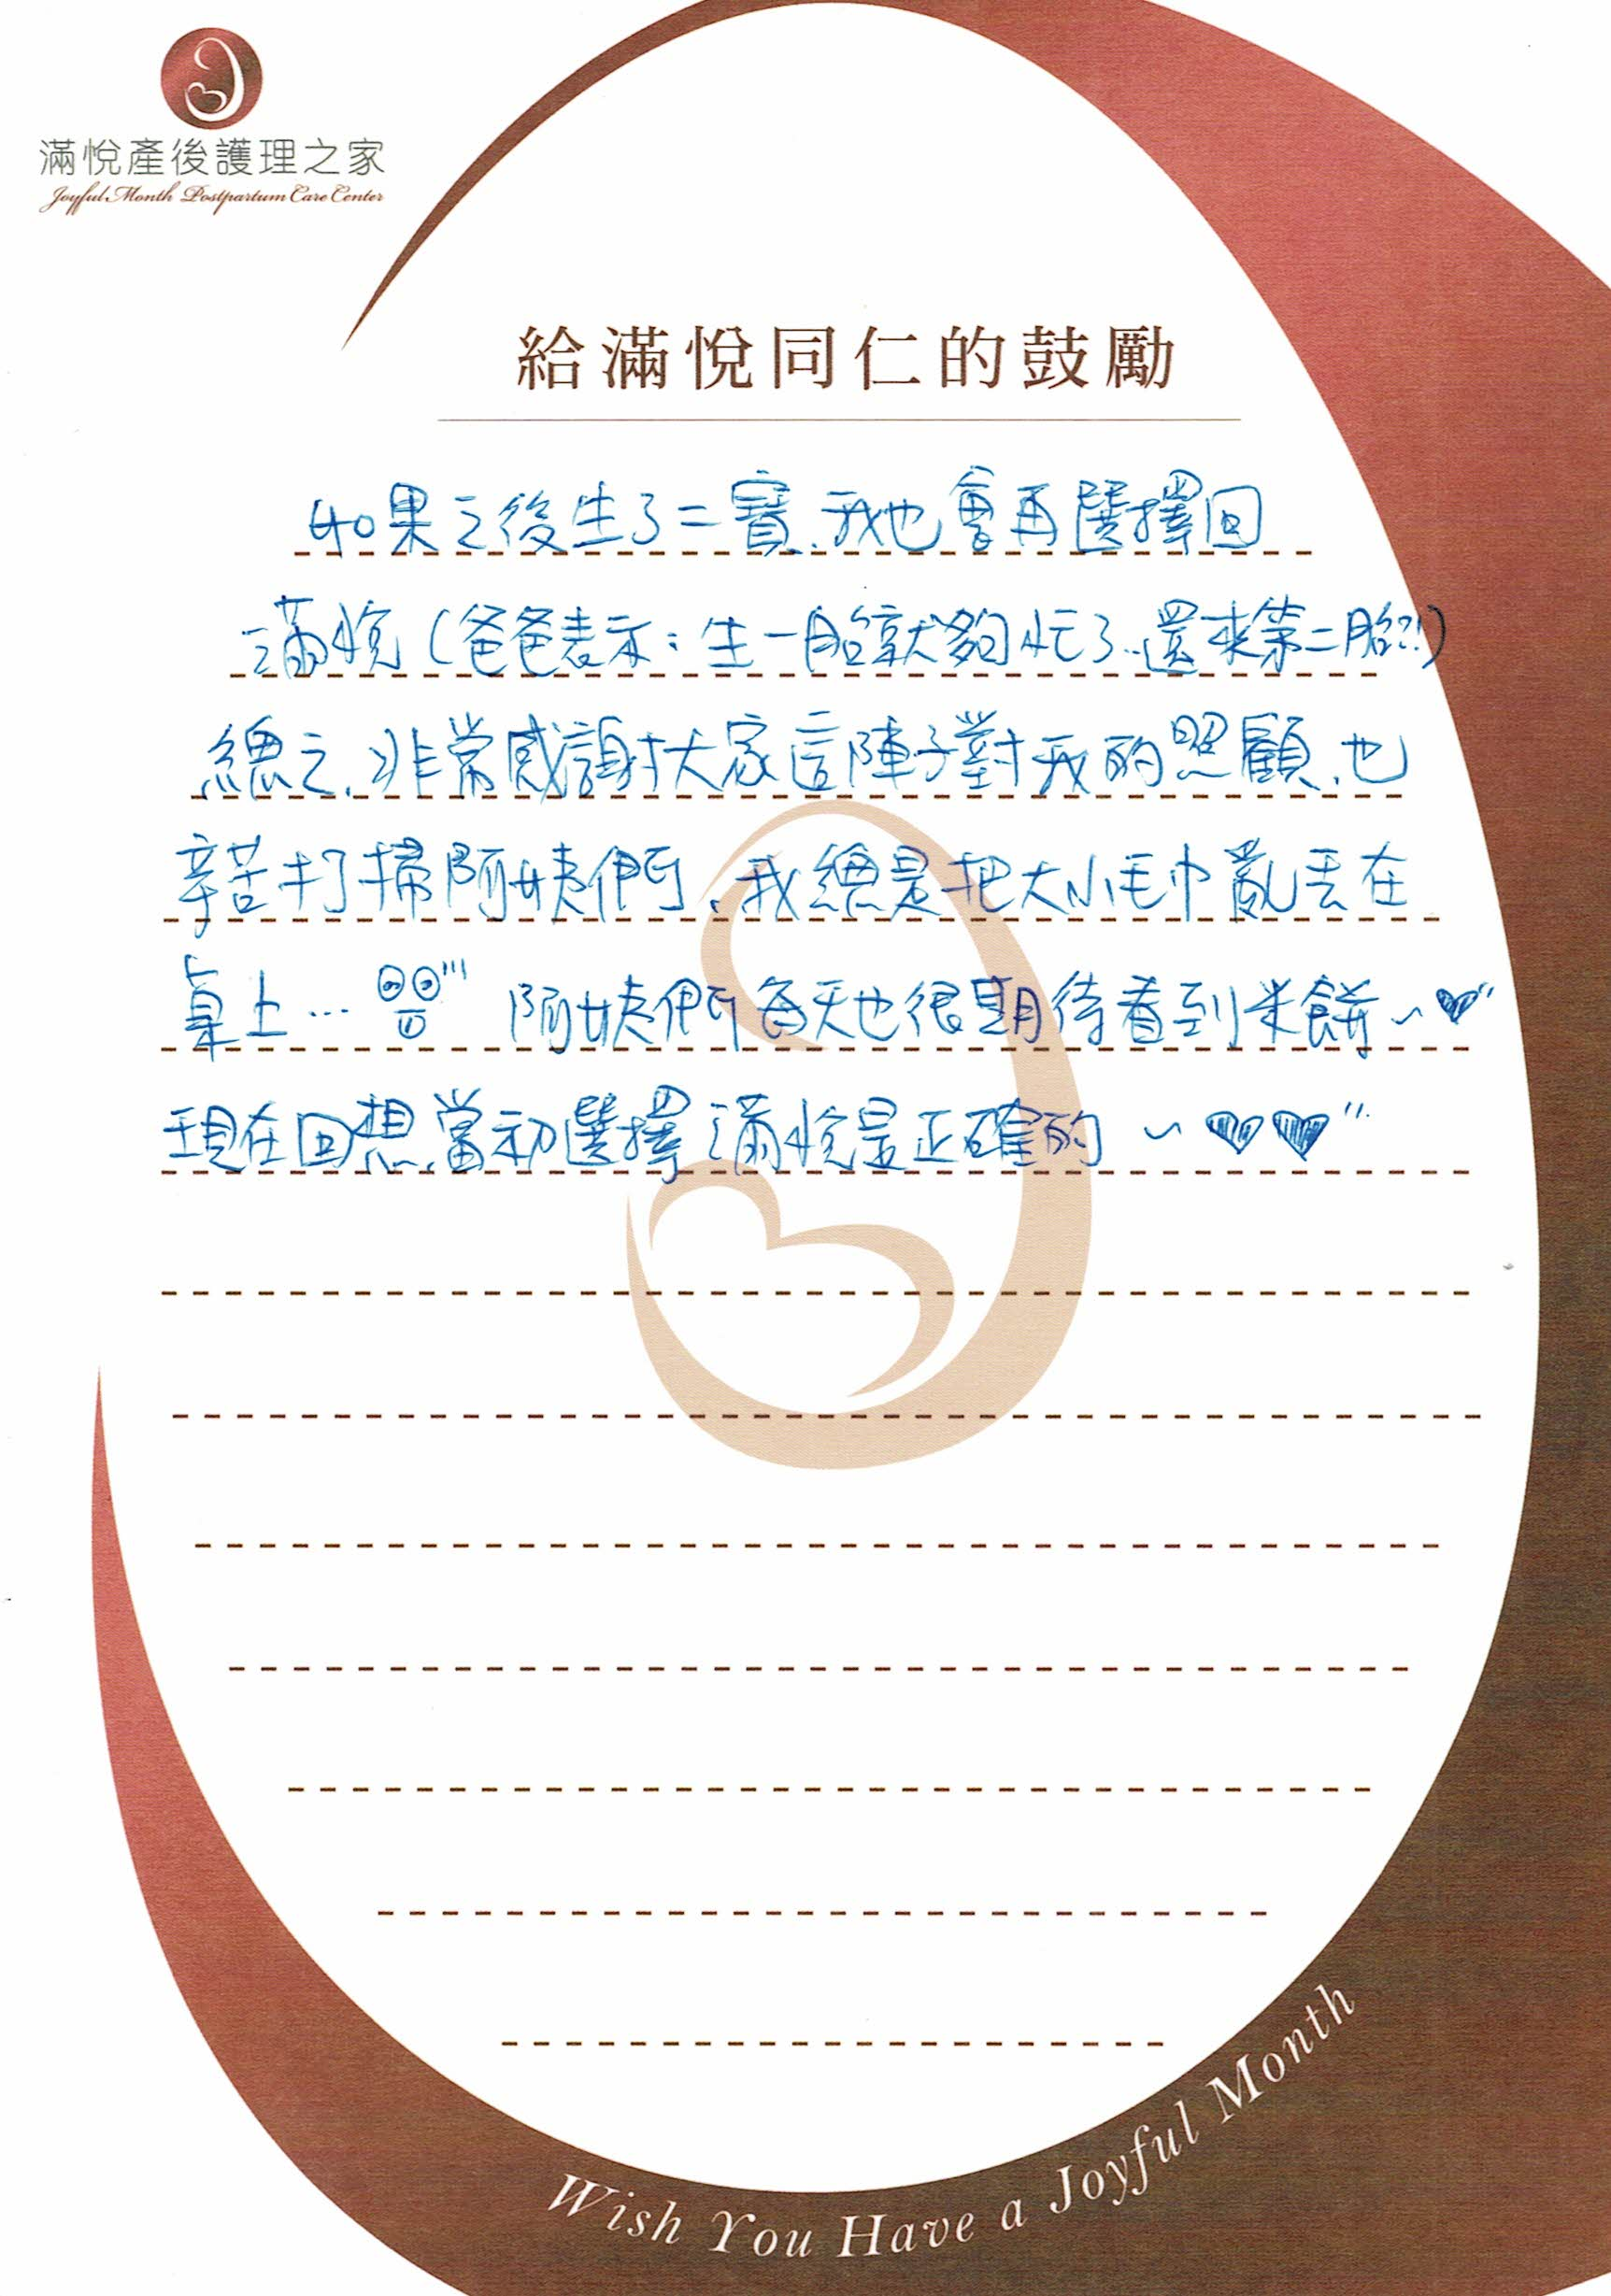 安妮媽咪&凌暉爸比 (2)